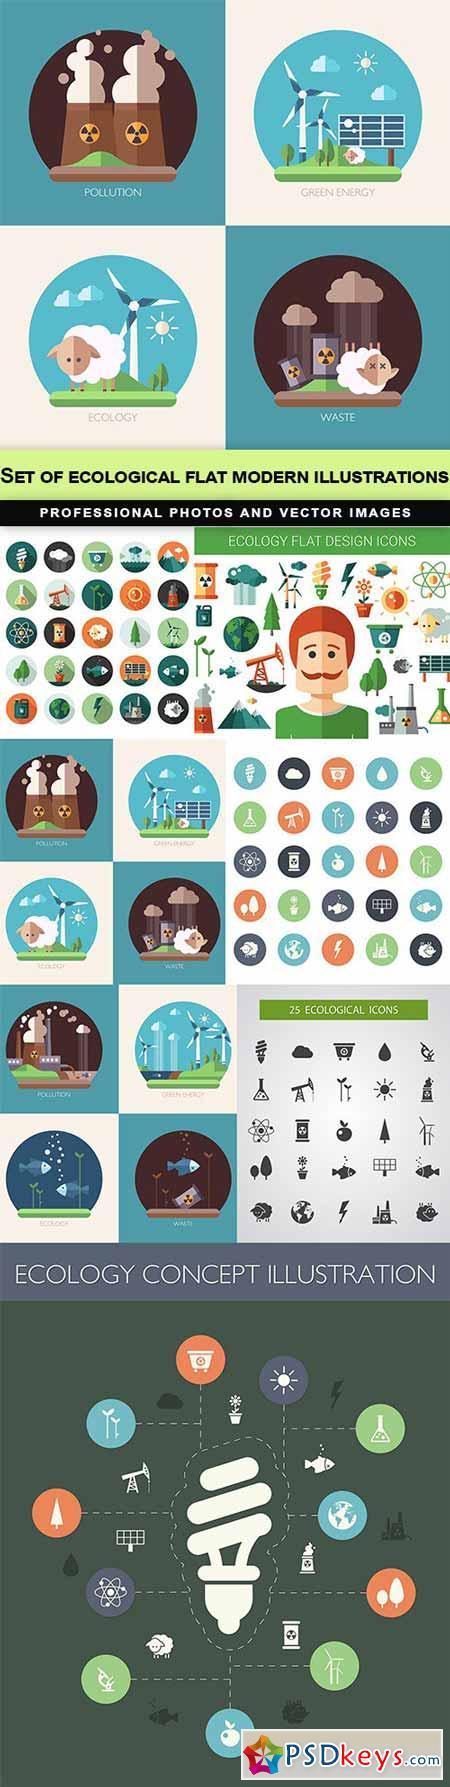 Set of ecological flat modern illustrations - 7 EPS